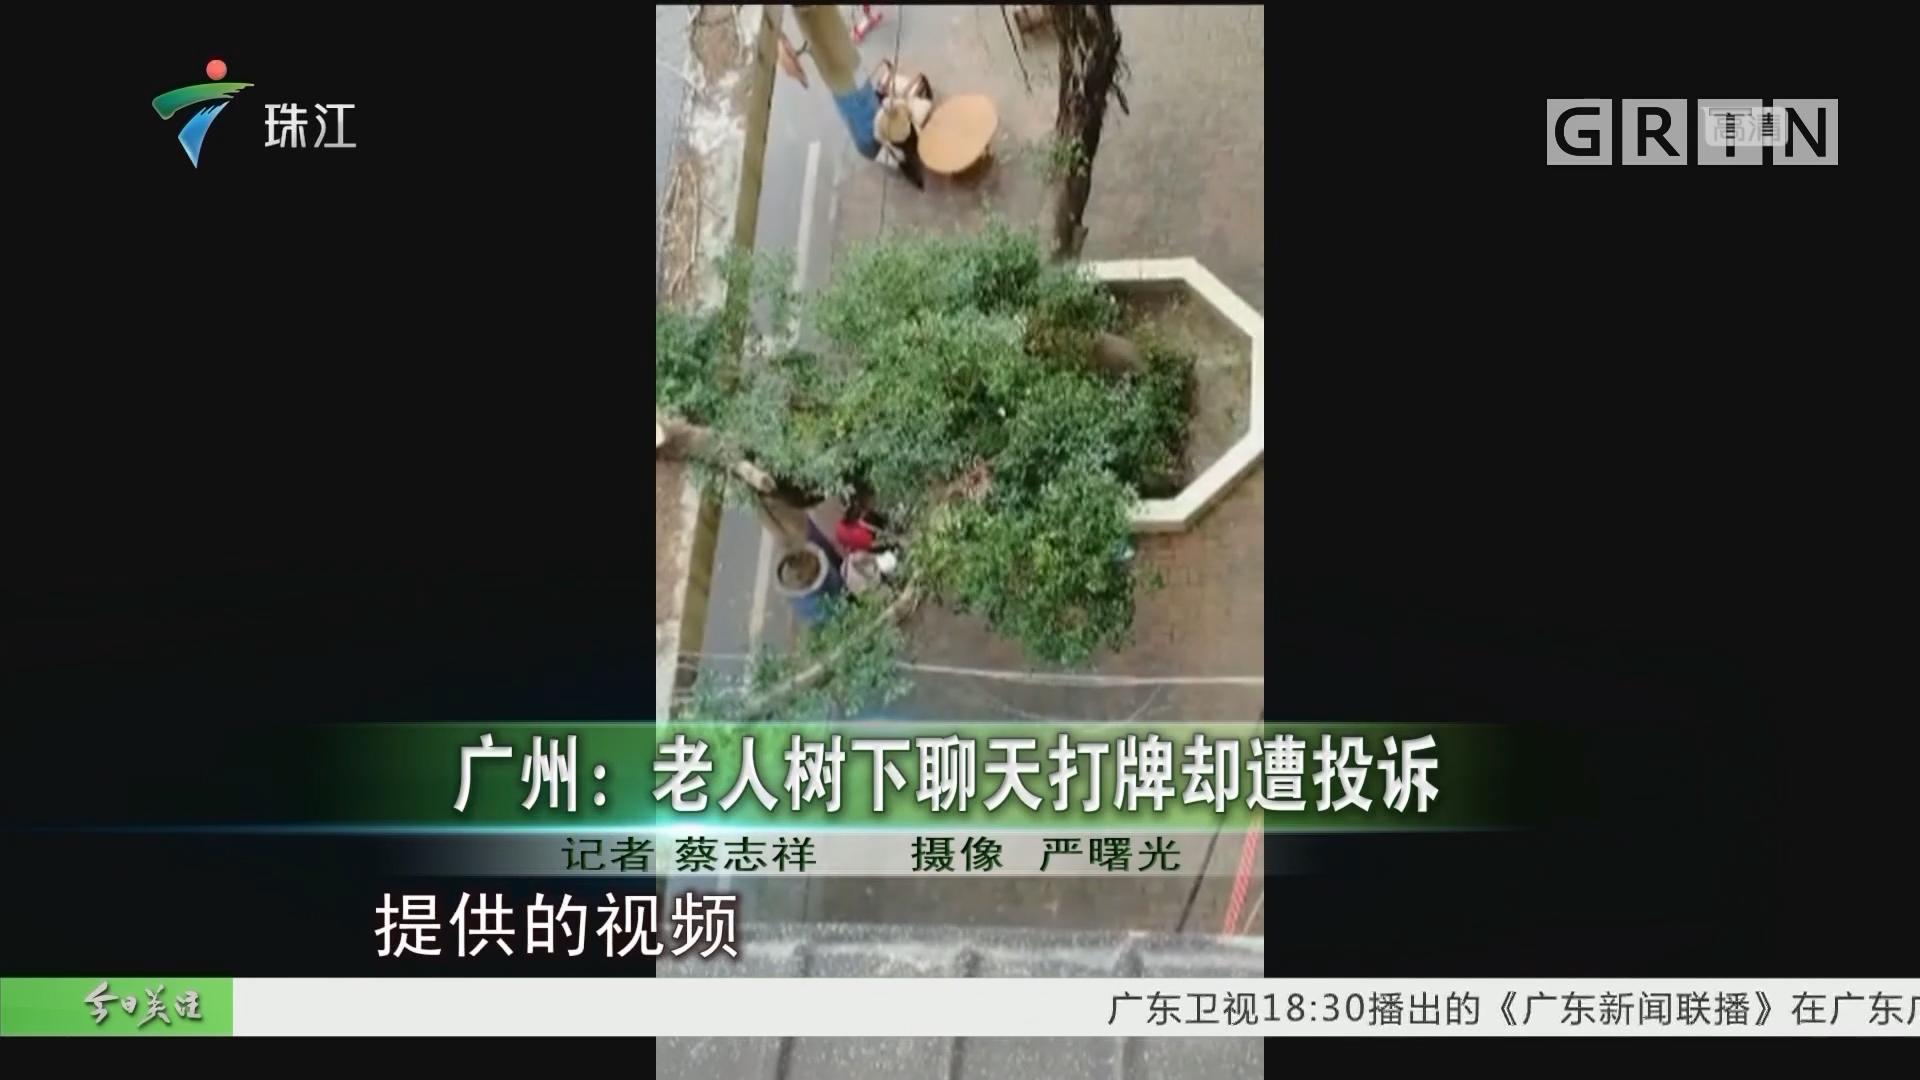 广州:老人树下聊天打牌却遭投诉